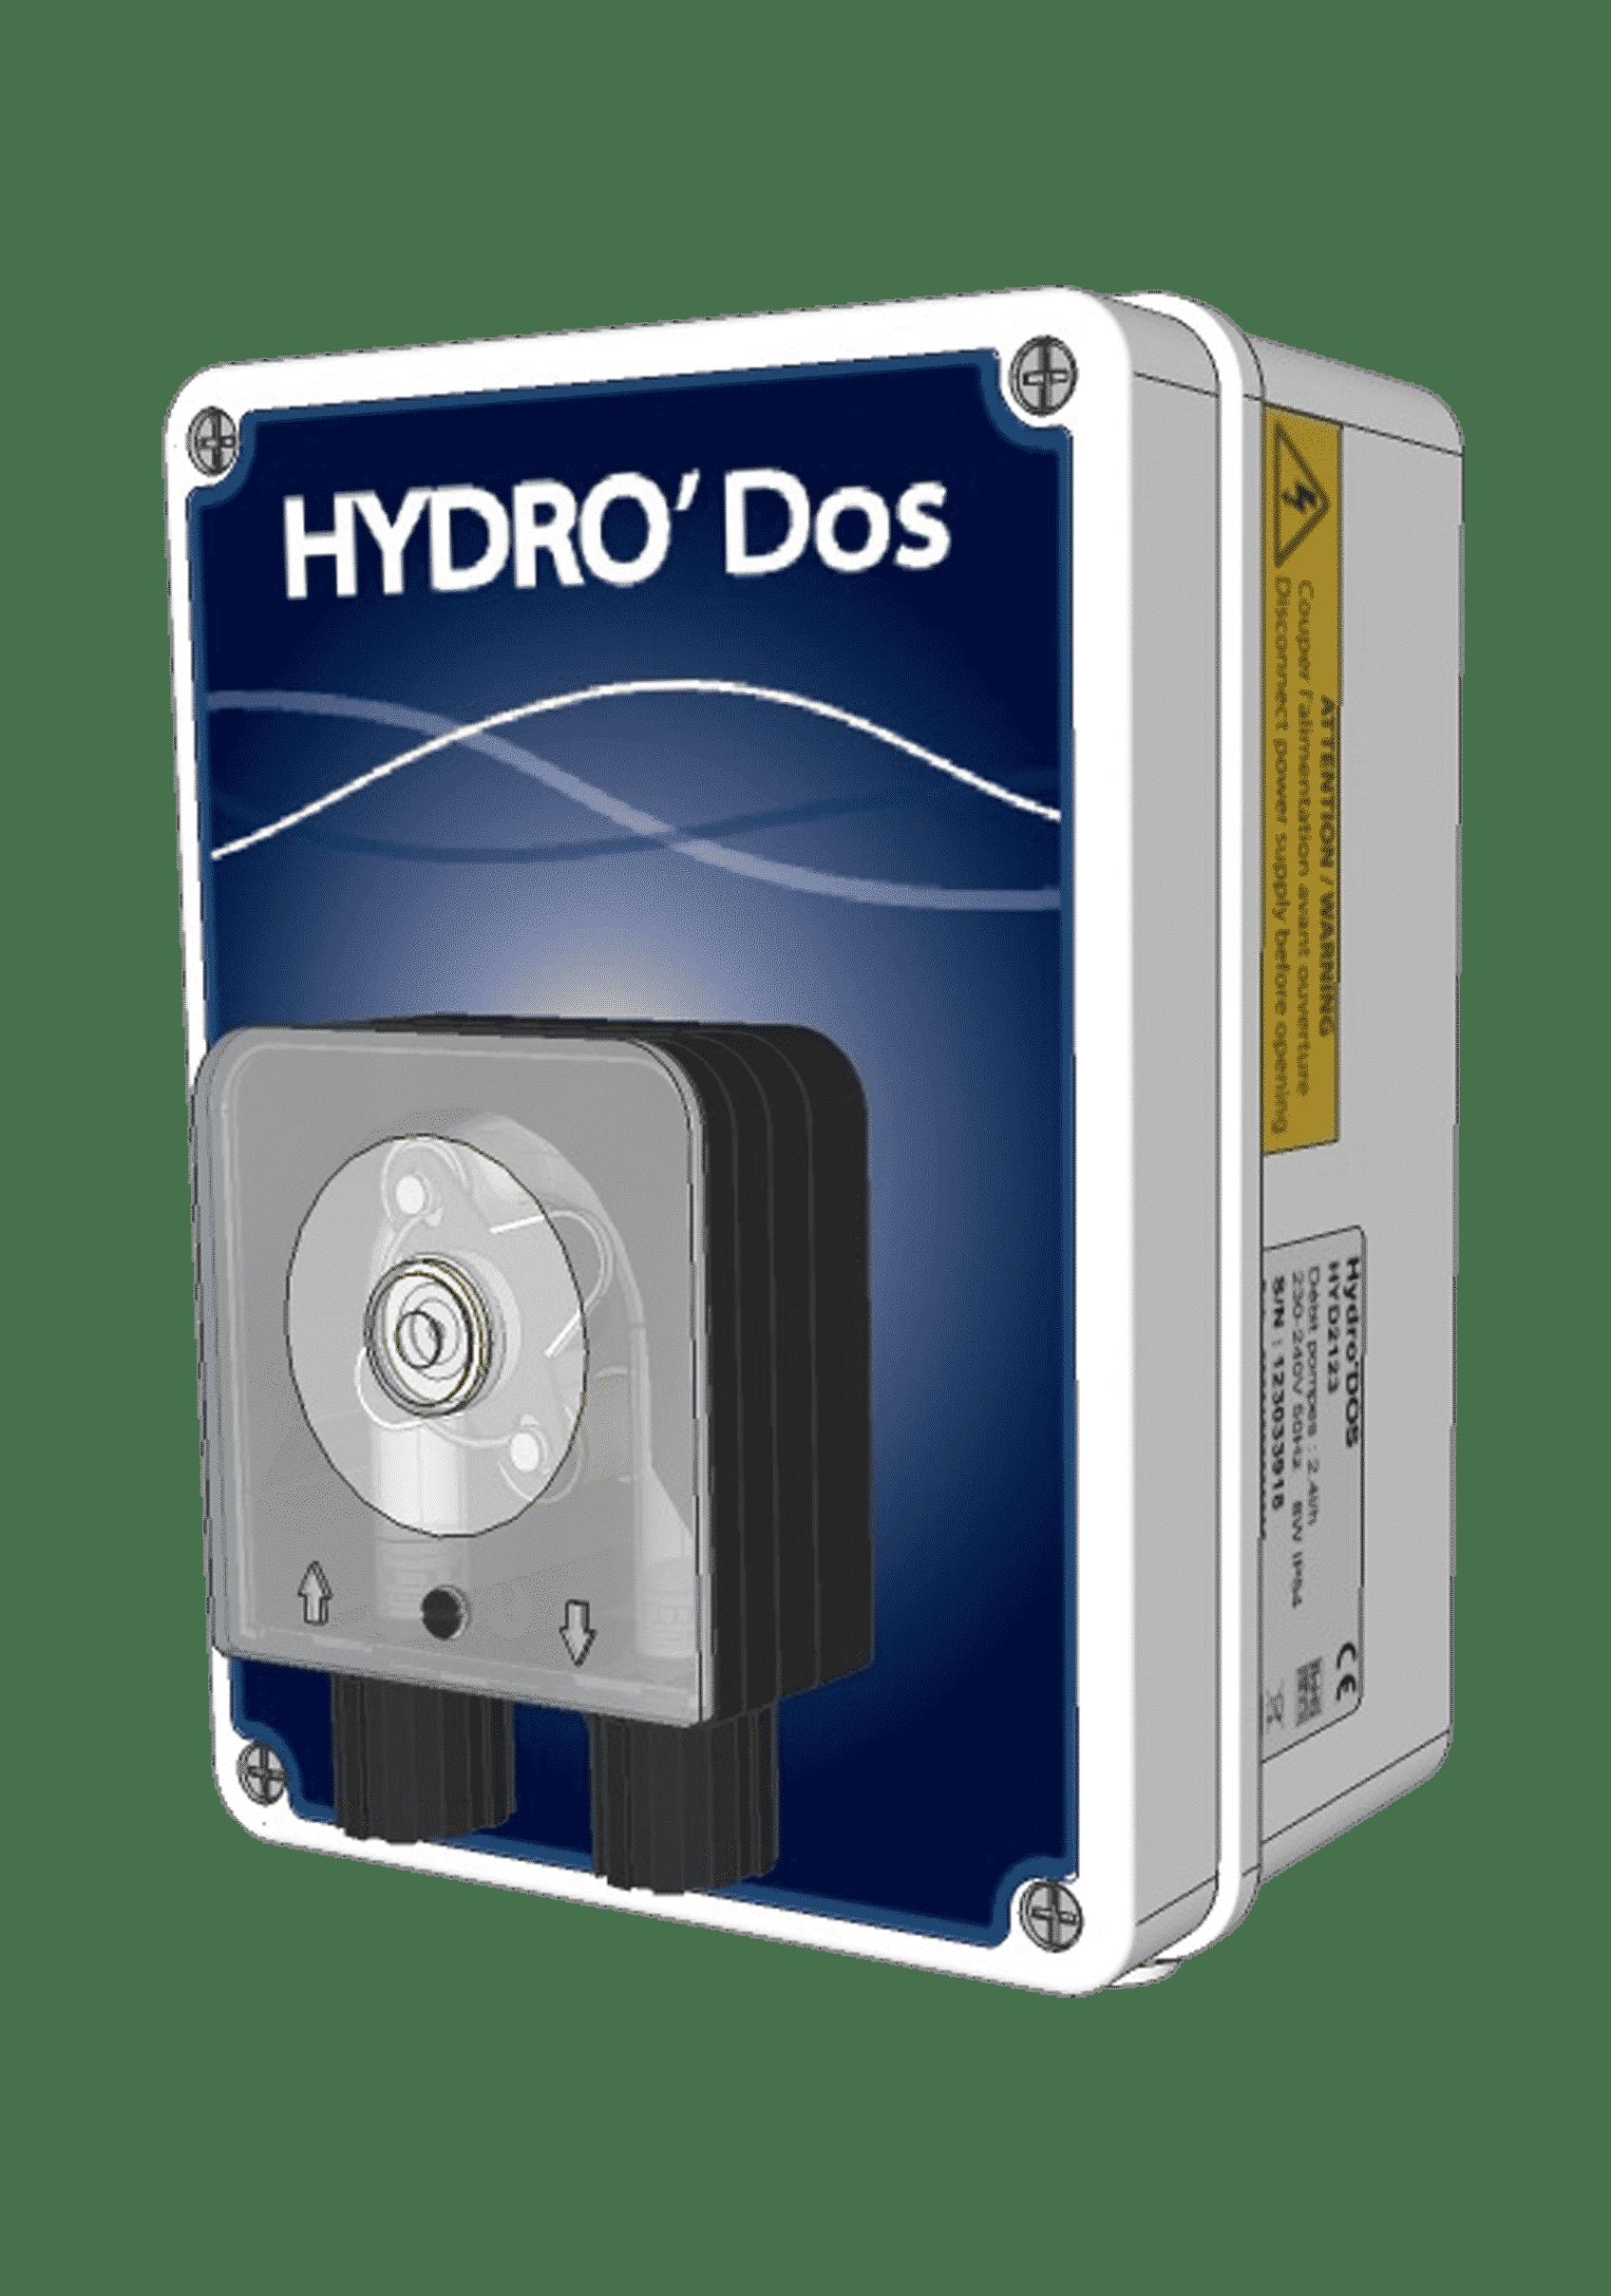 HYDRO'Dos : dosage avec pompes péristaltiques de tout type de produits : produits chimiques, floculants, substances aromatiques